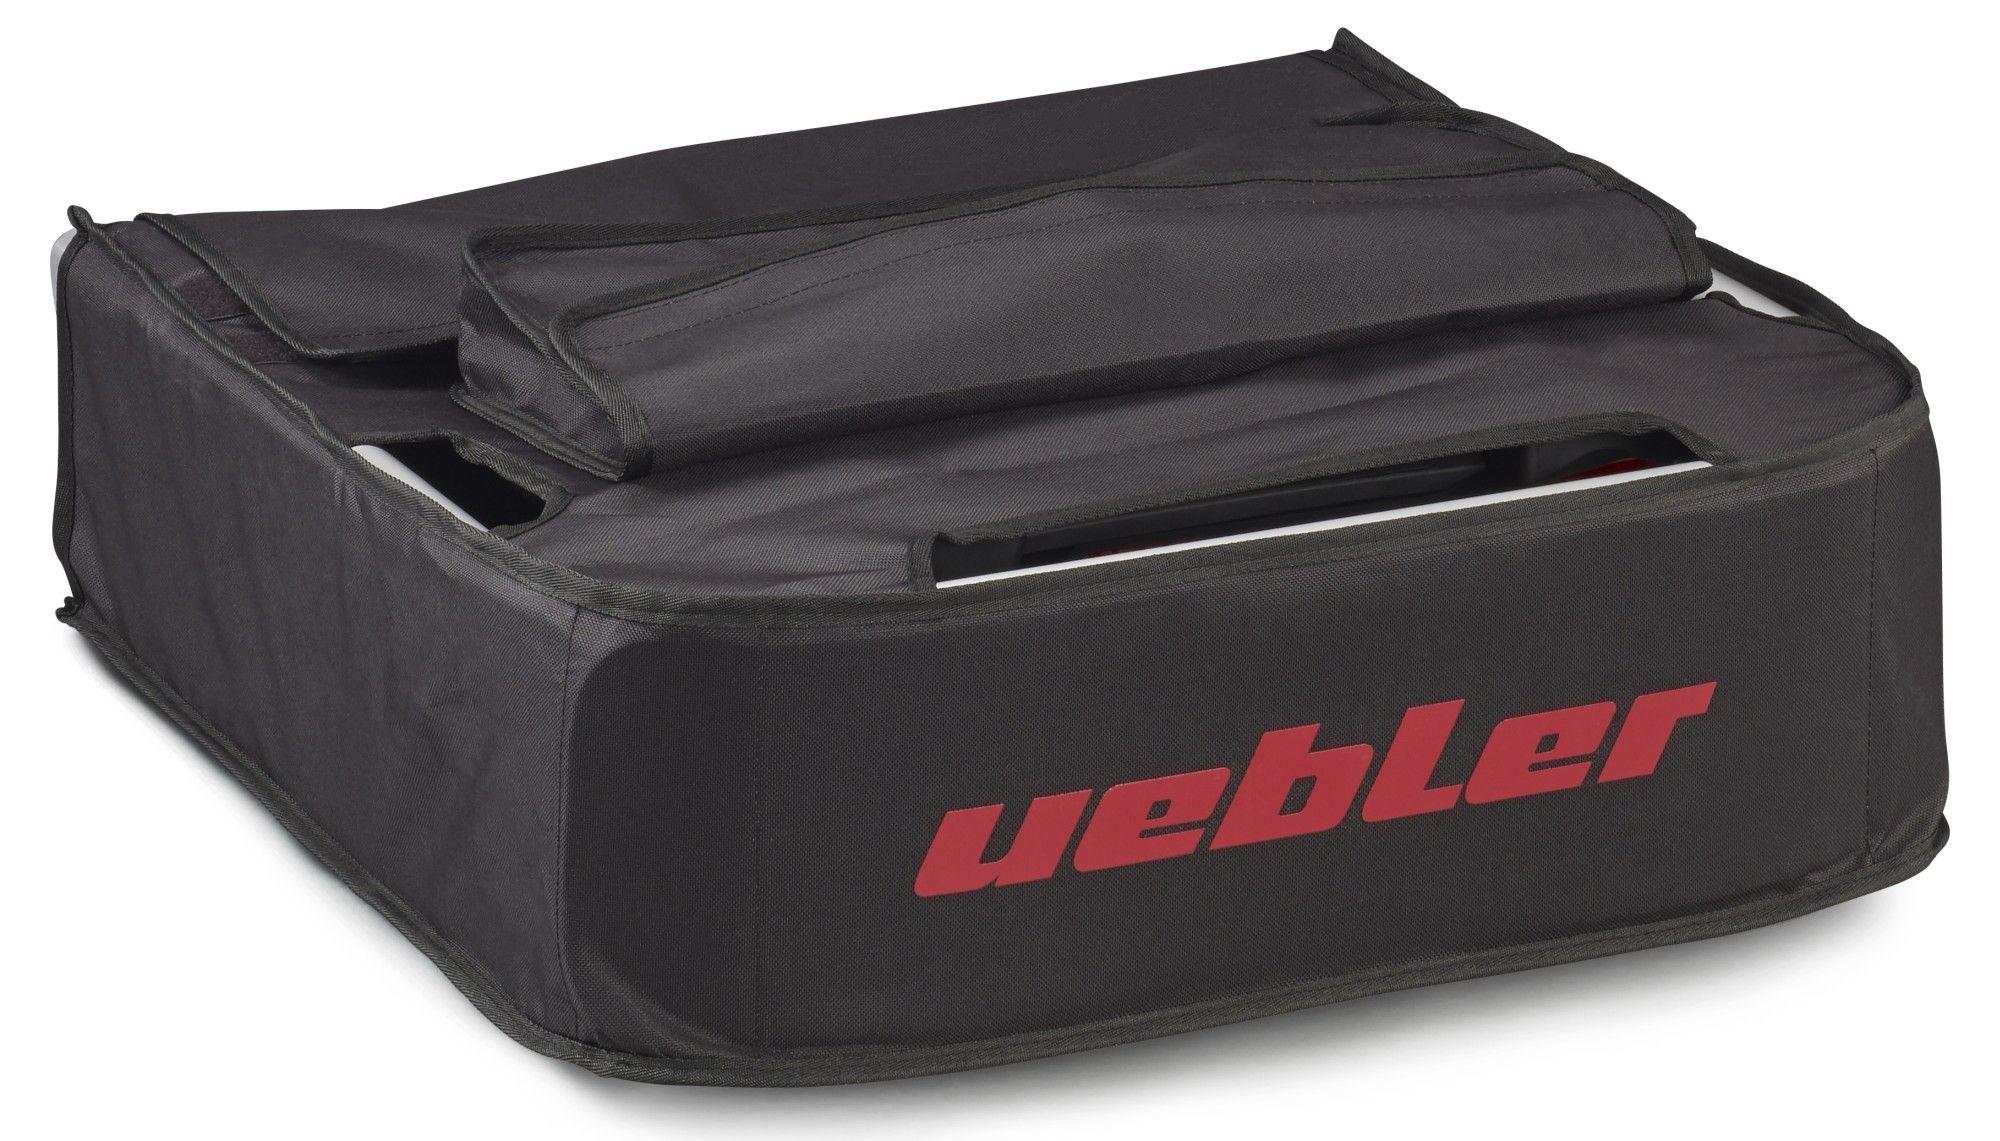 fahrradträgerzubehör: Uebler  Transporttasche für i21 19840